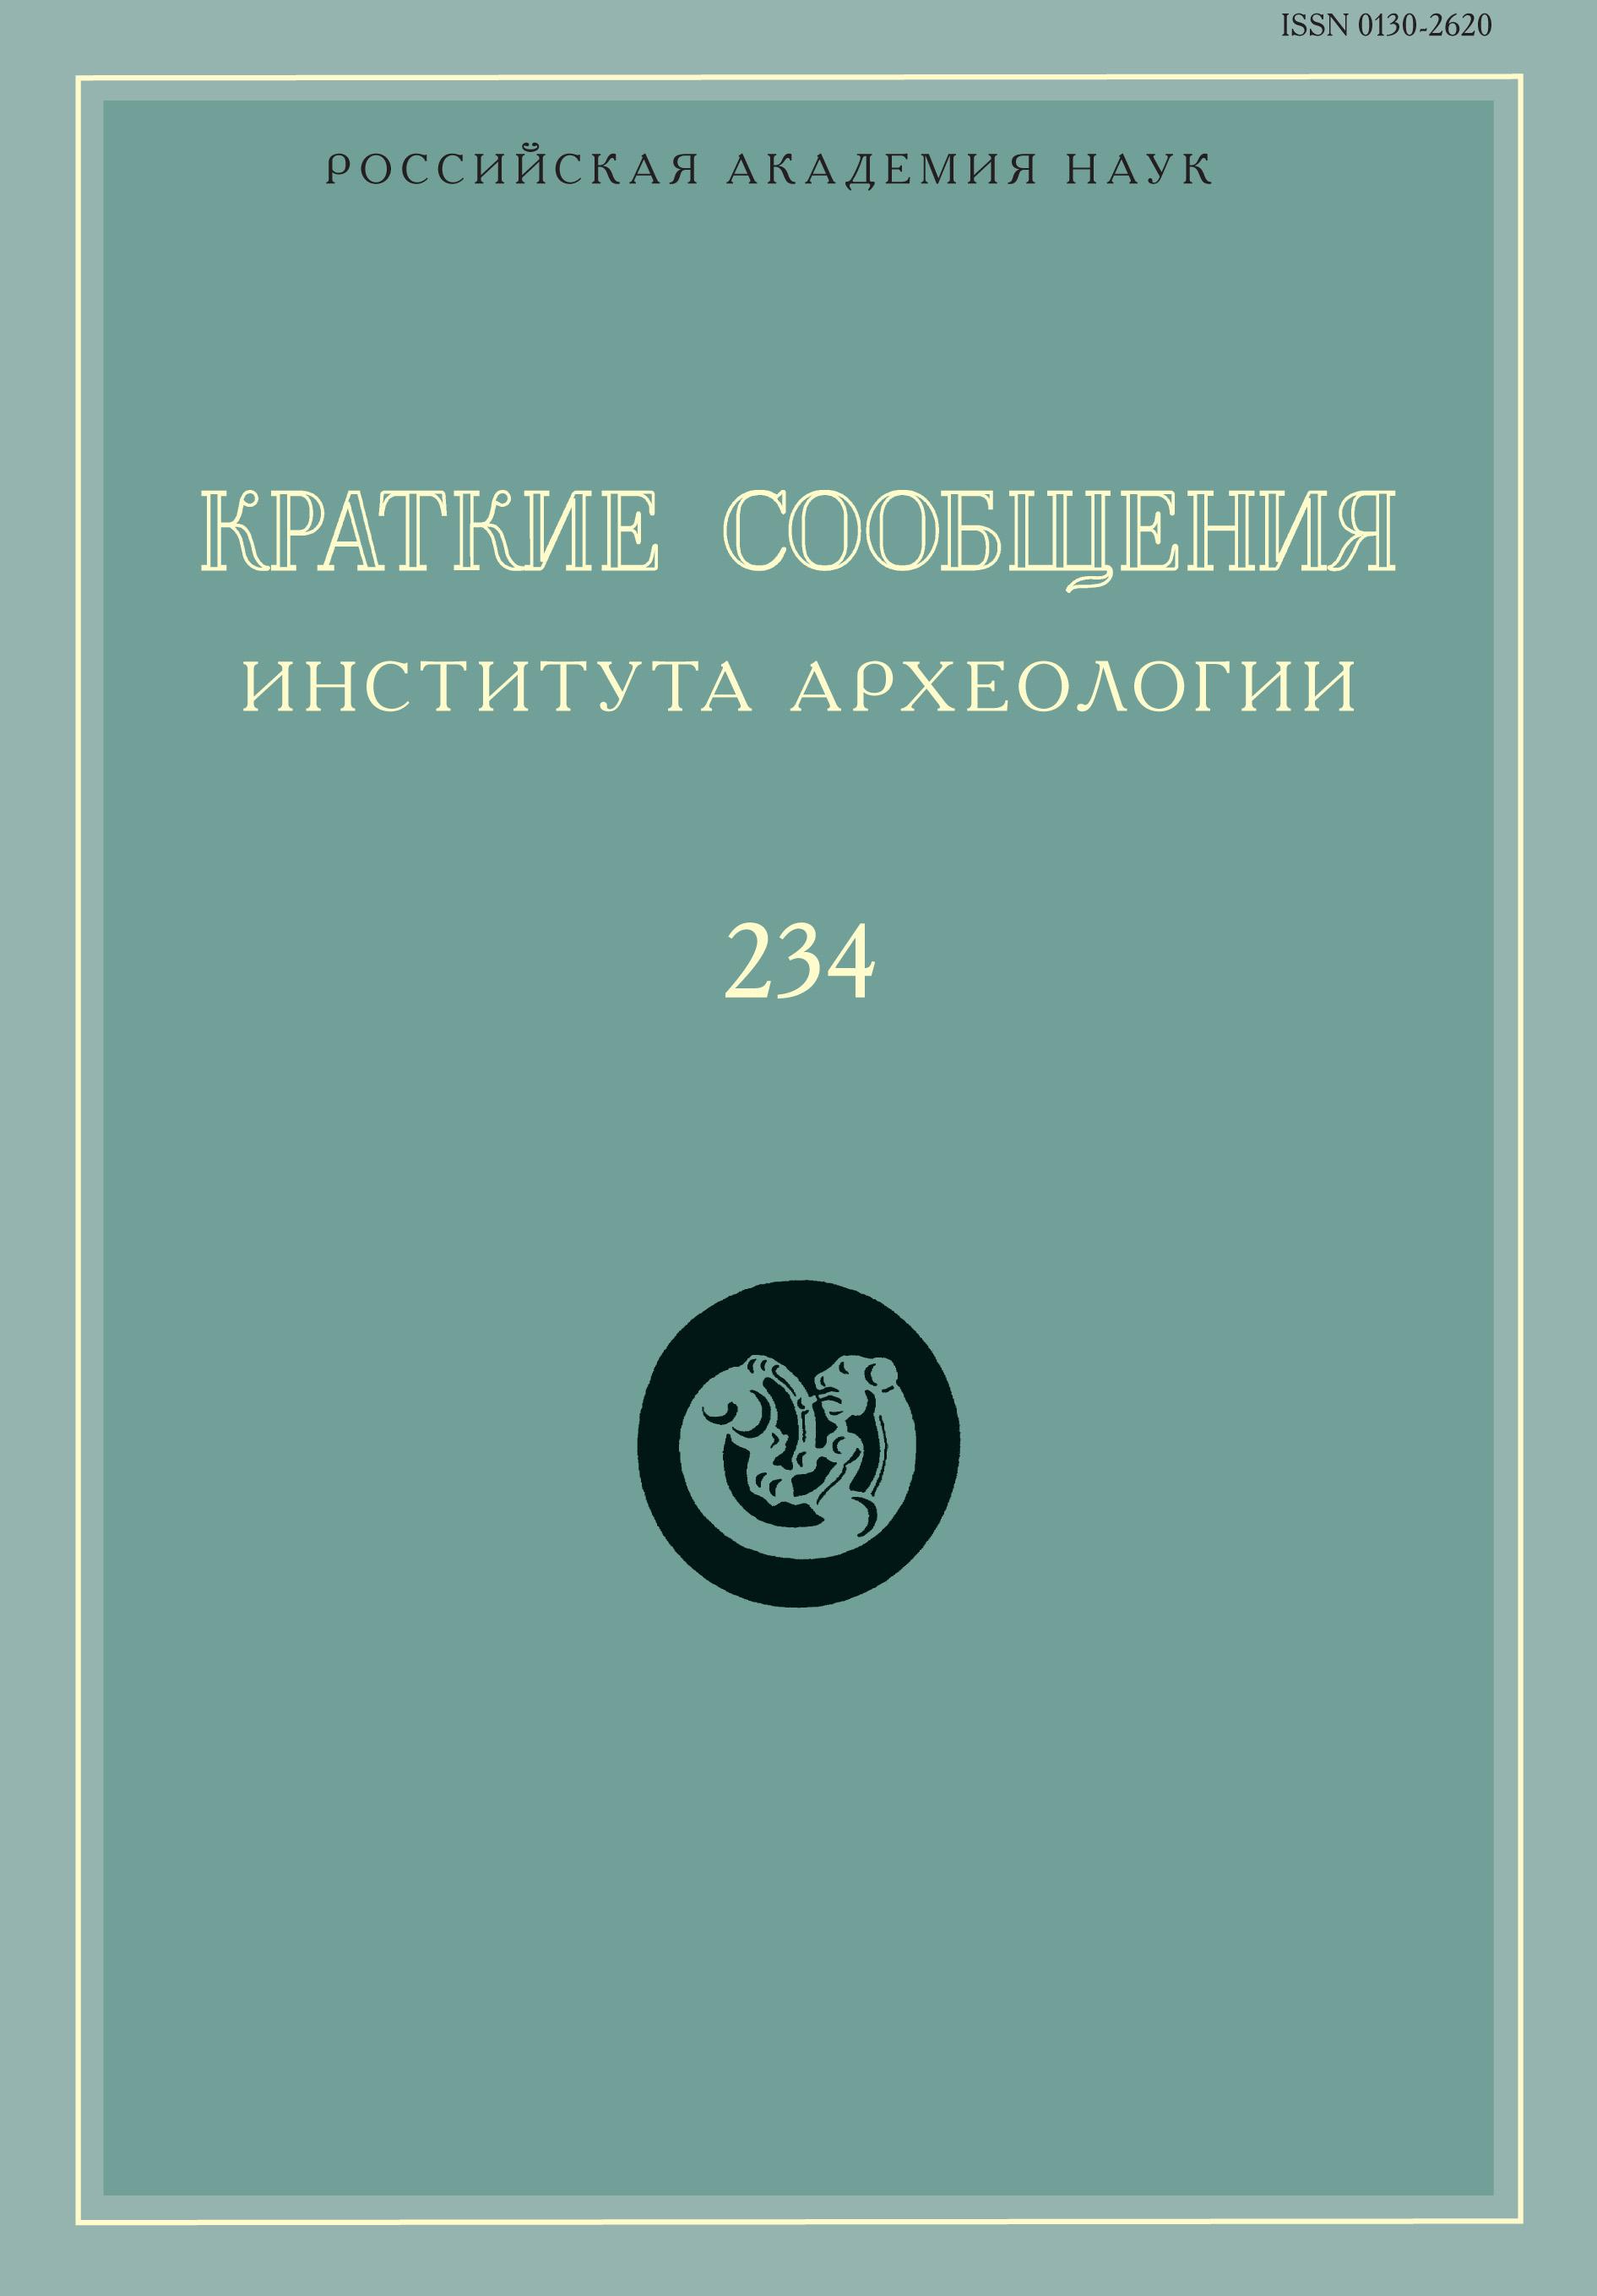 Краткие сообщения Института археологии. Выпуск 234